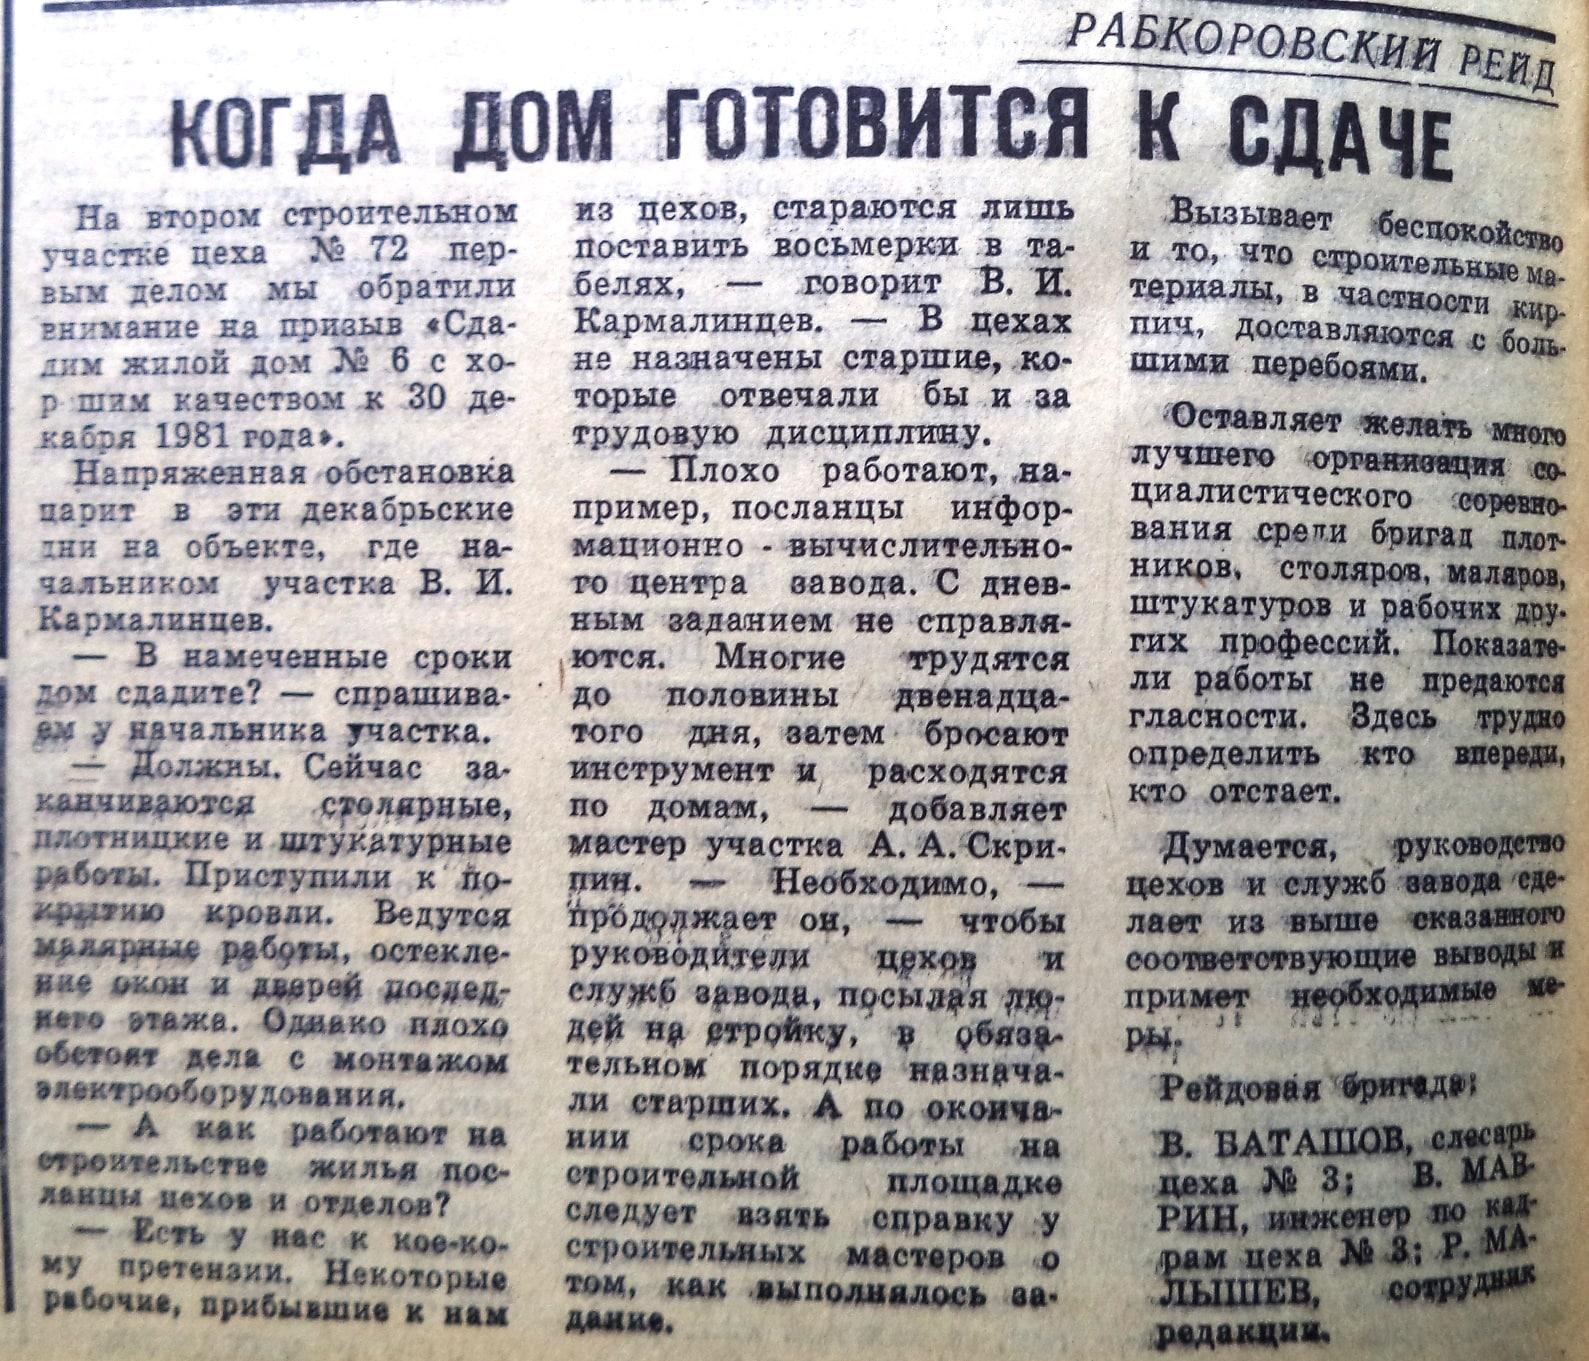 Республиканская-ФОТО-18-Рабочий-1981-25 декабря